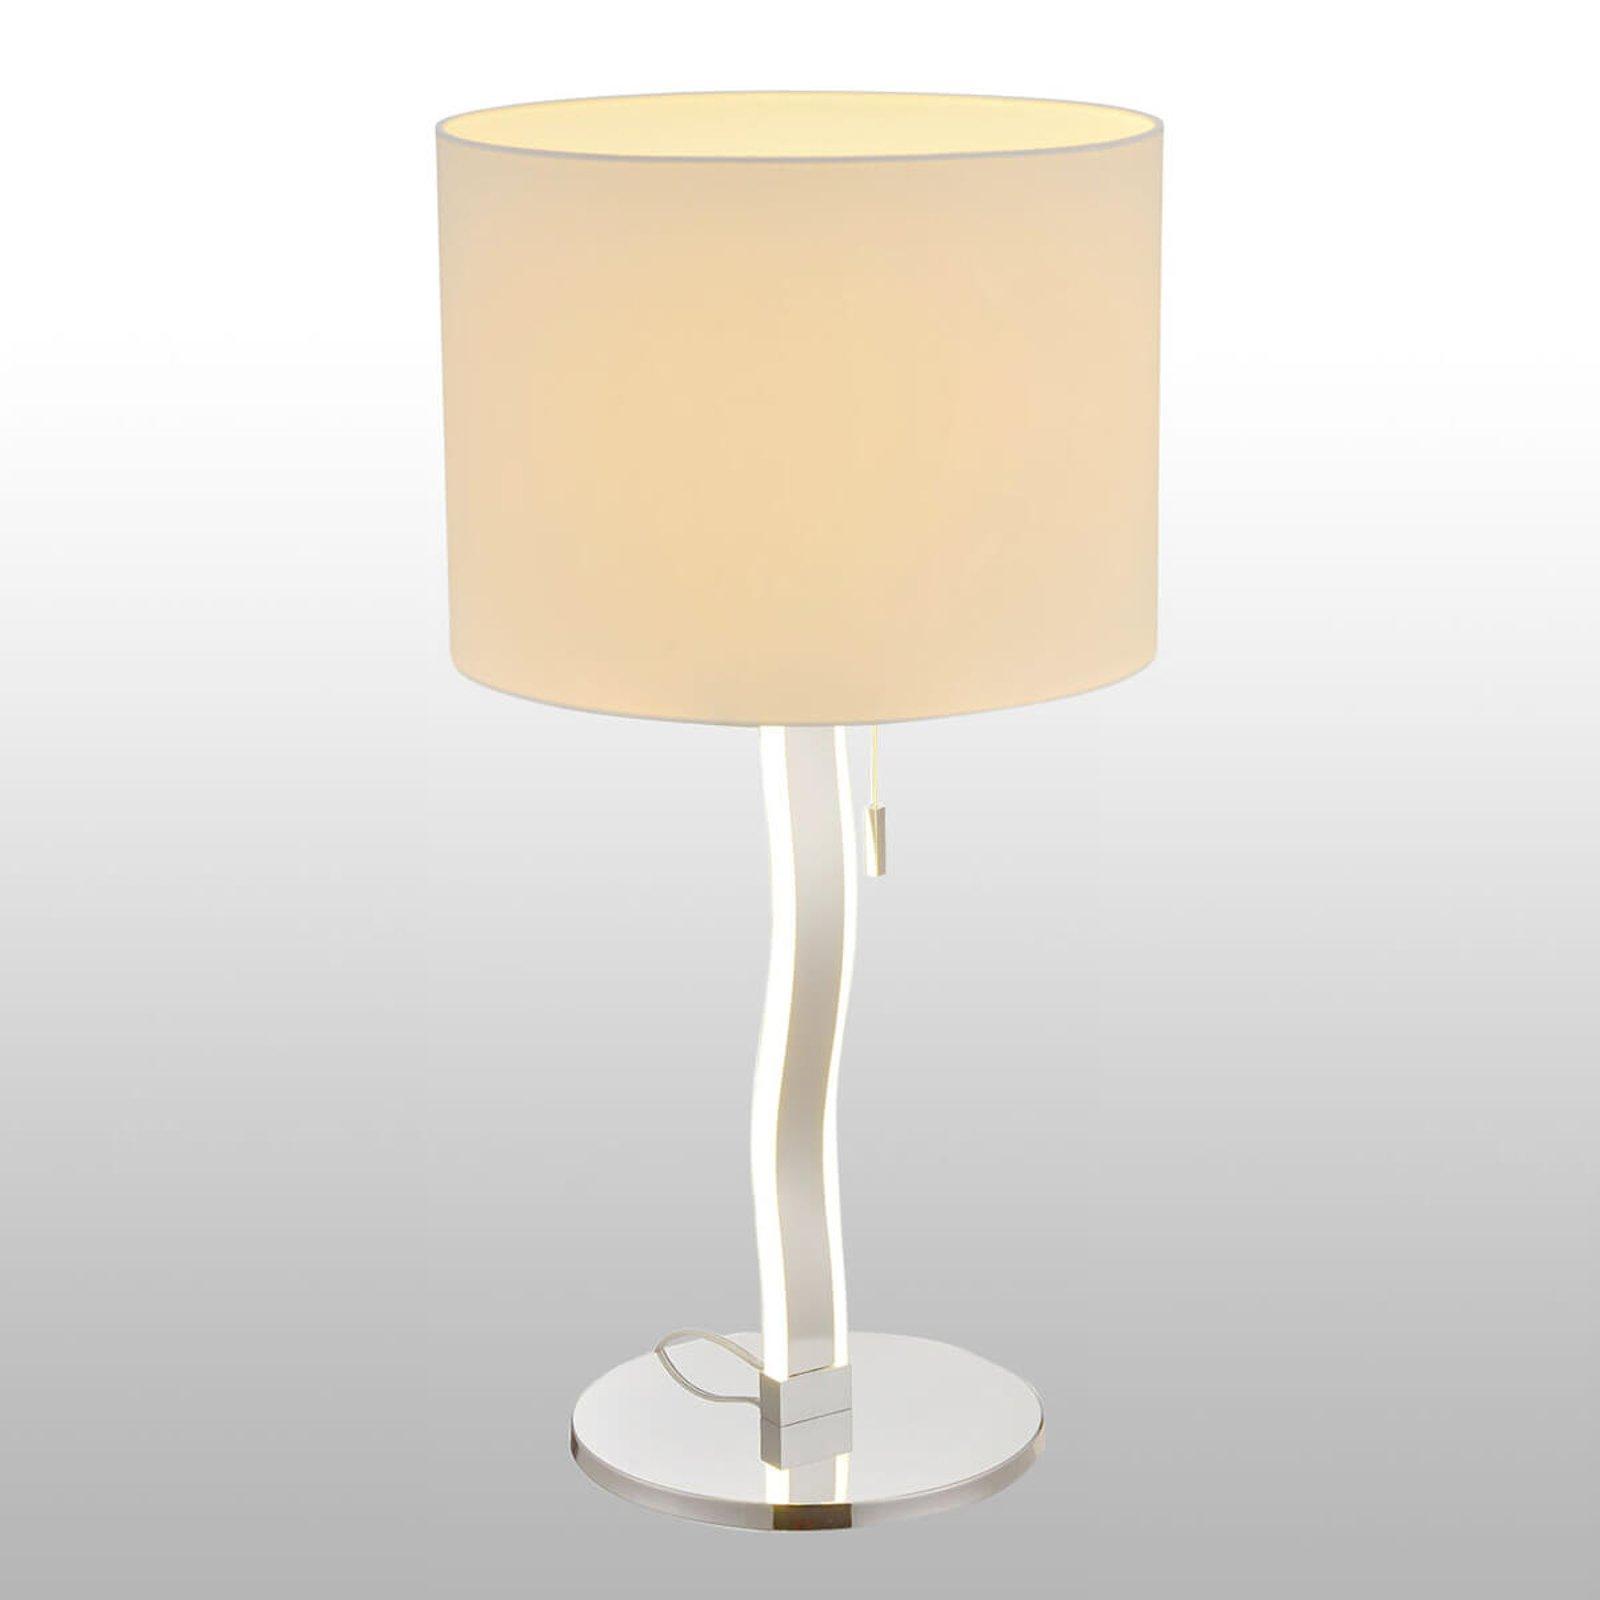 Maren - tekstil-bordlampe med LED-er i fot